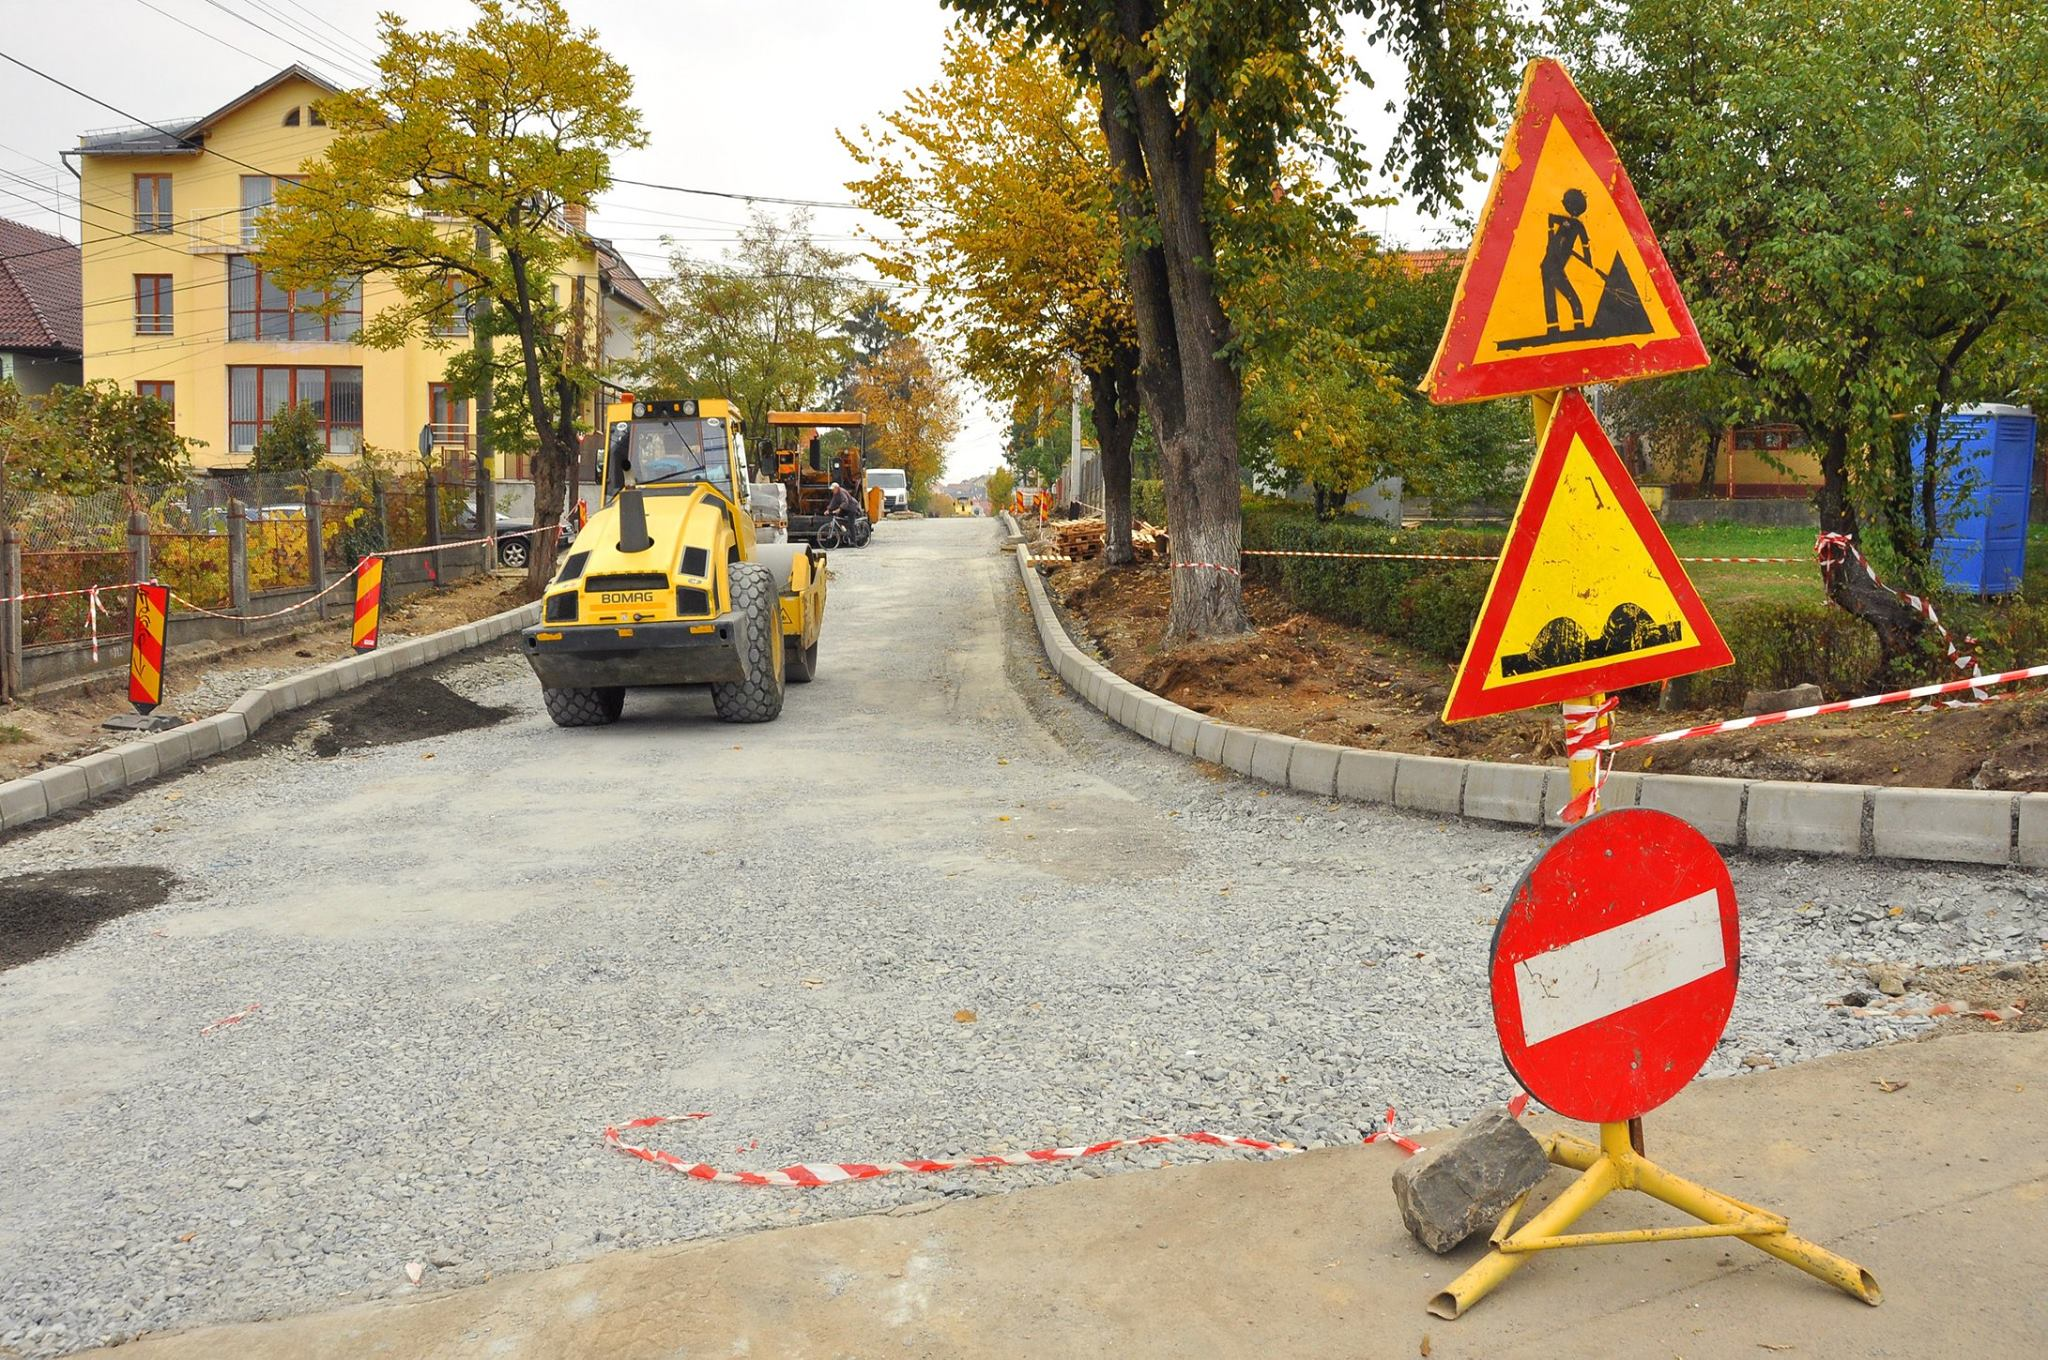 Alte 11 străzi din Cluj au intrat de azi în linie dreaptă în vederea modernizării